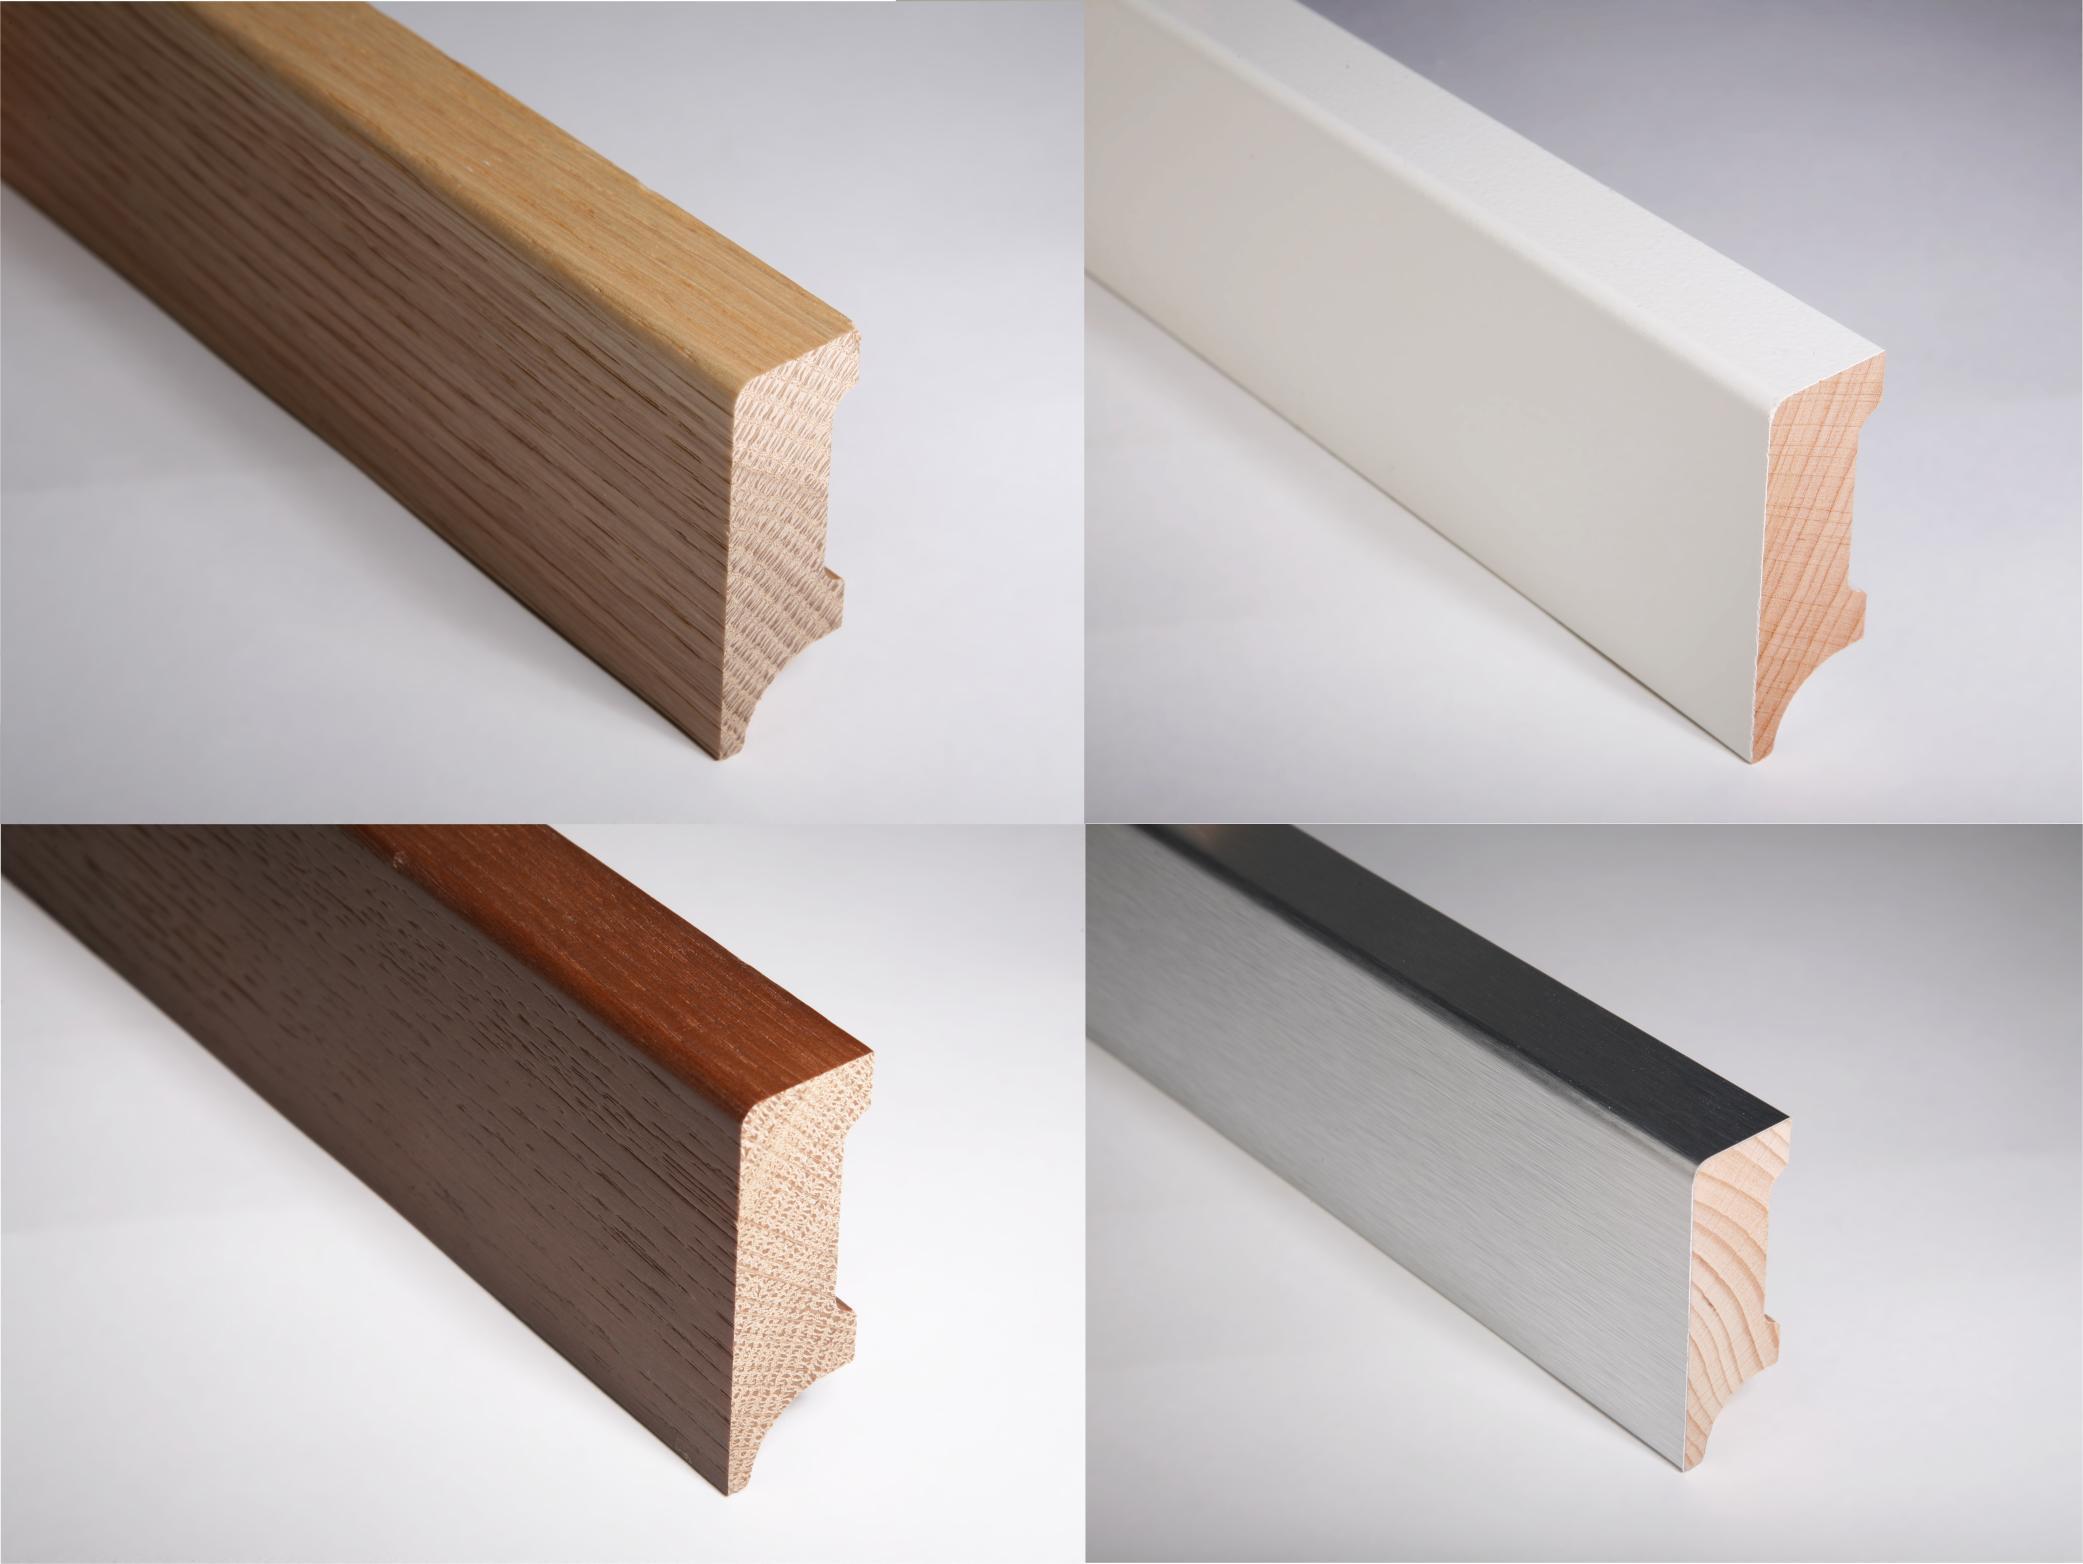 Zákazková výroba líšt z masívneho dreva, obaľované lišty